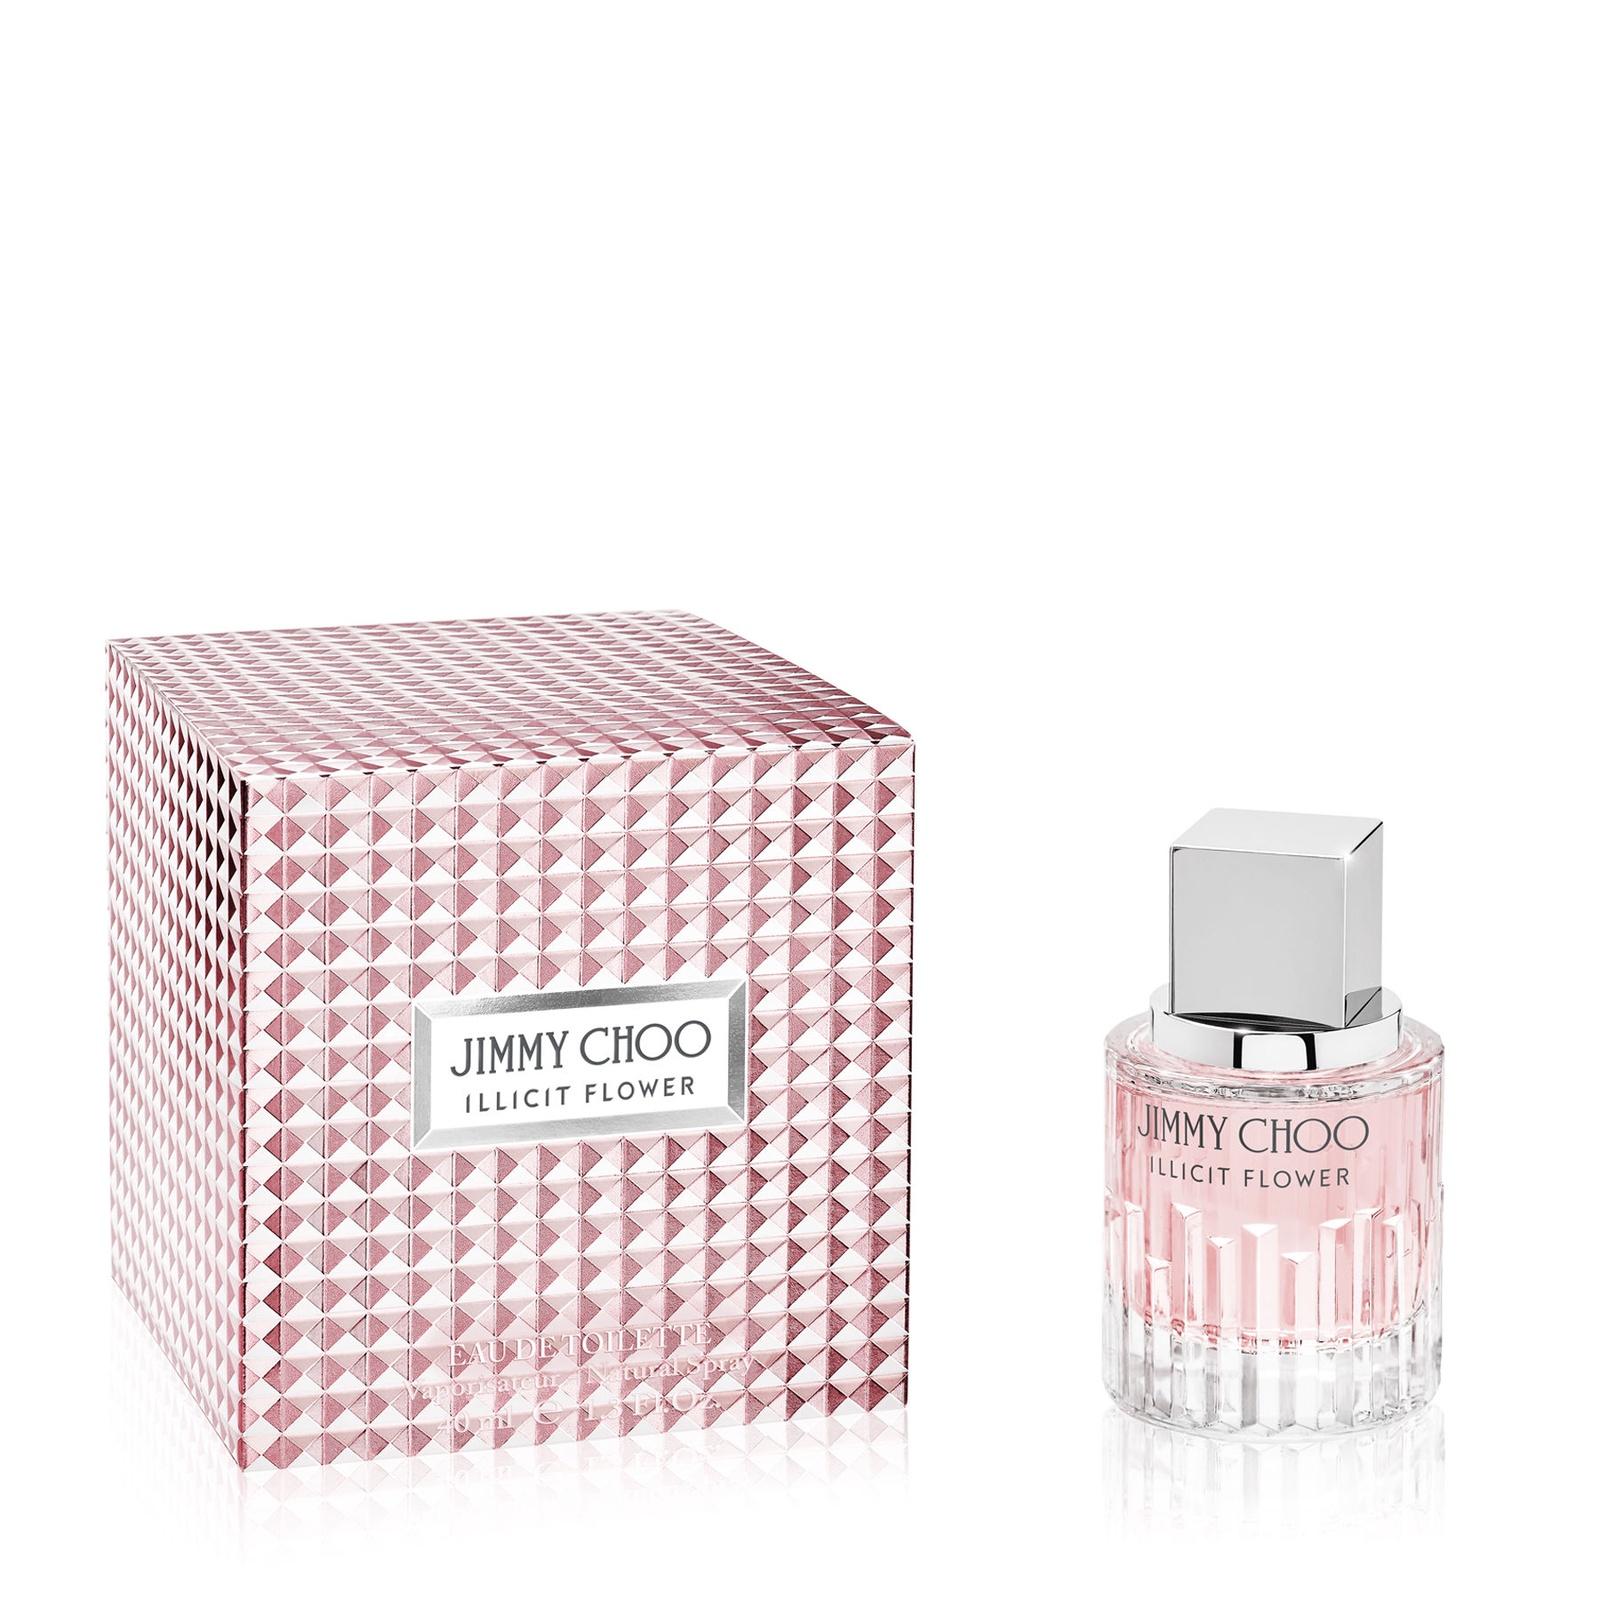 Jimmy Choo Illicit Flower.парфюмерная вода женская 40 мл. 40 мл